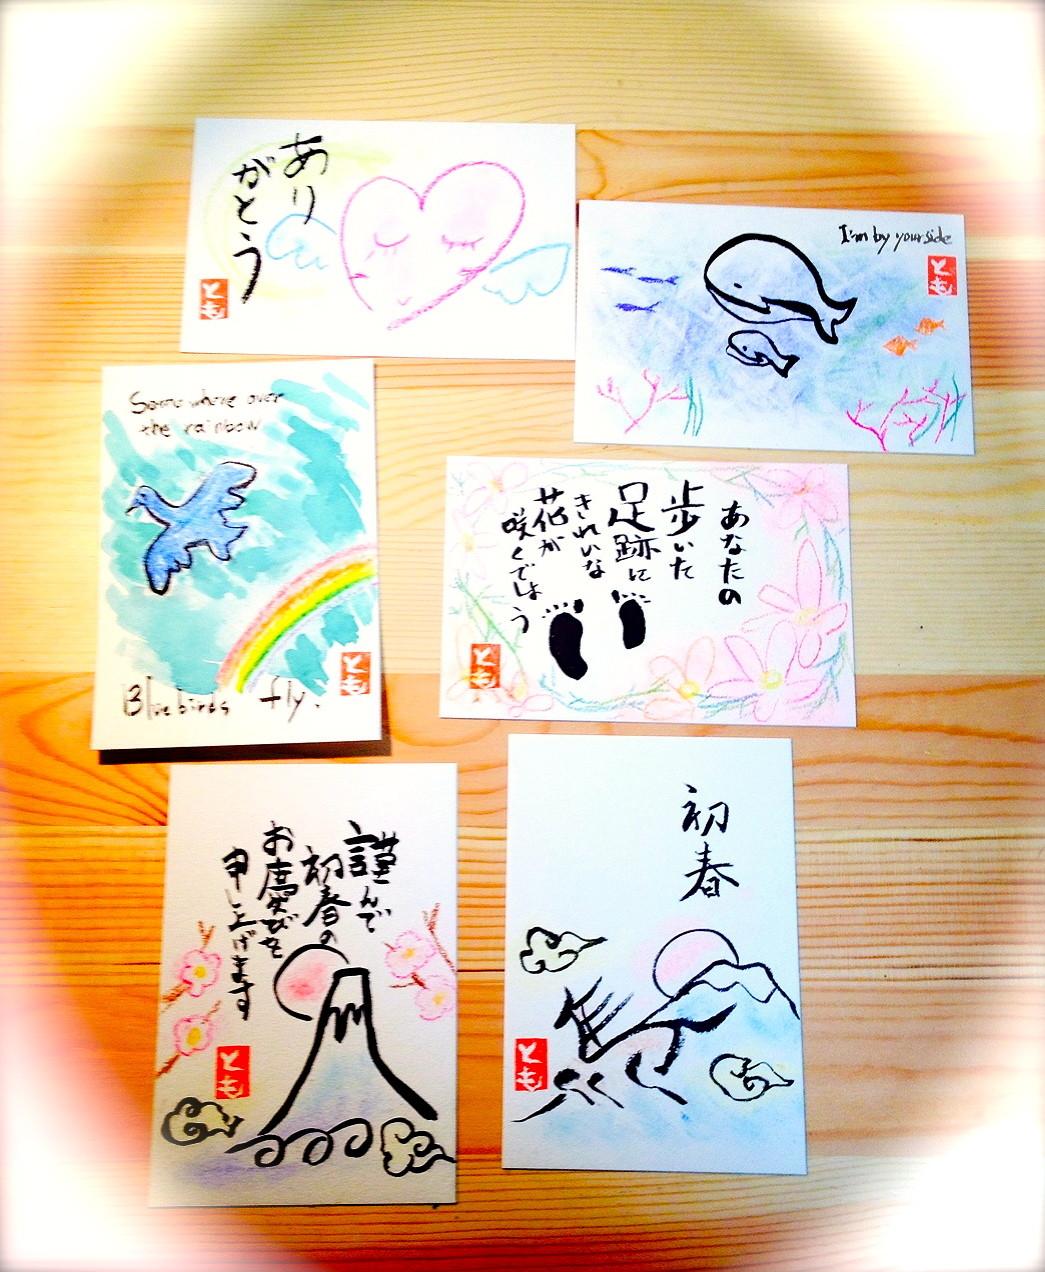 絵手紙を描いて素敵な年賀状を送ろう(見本)